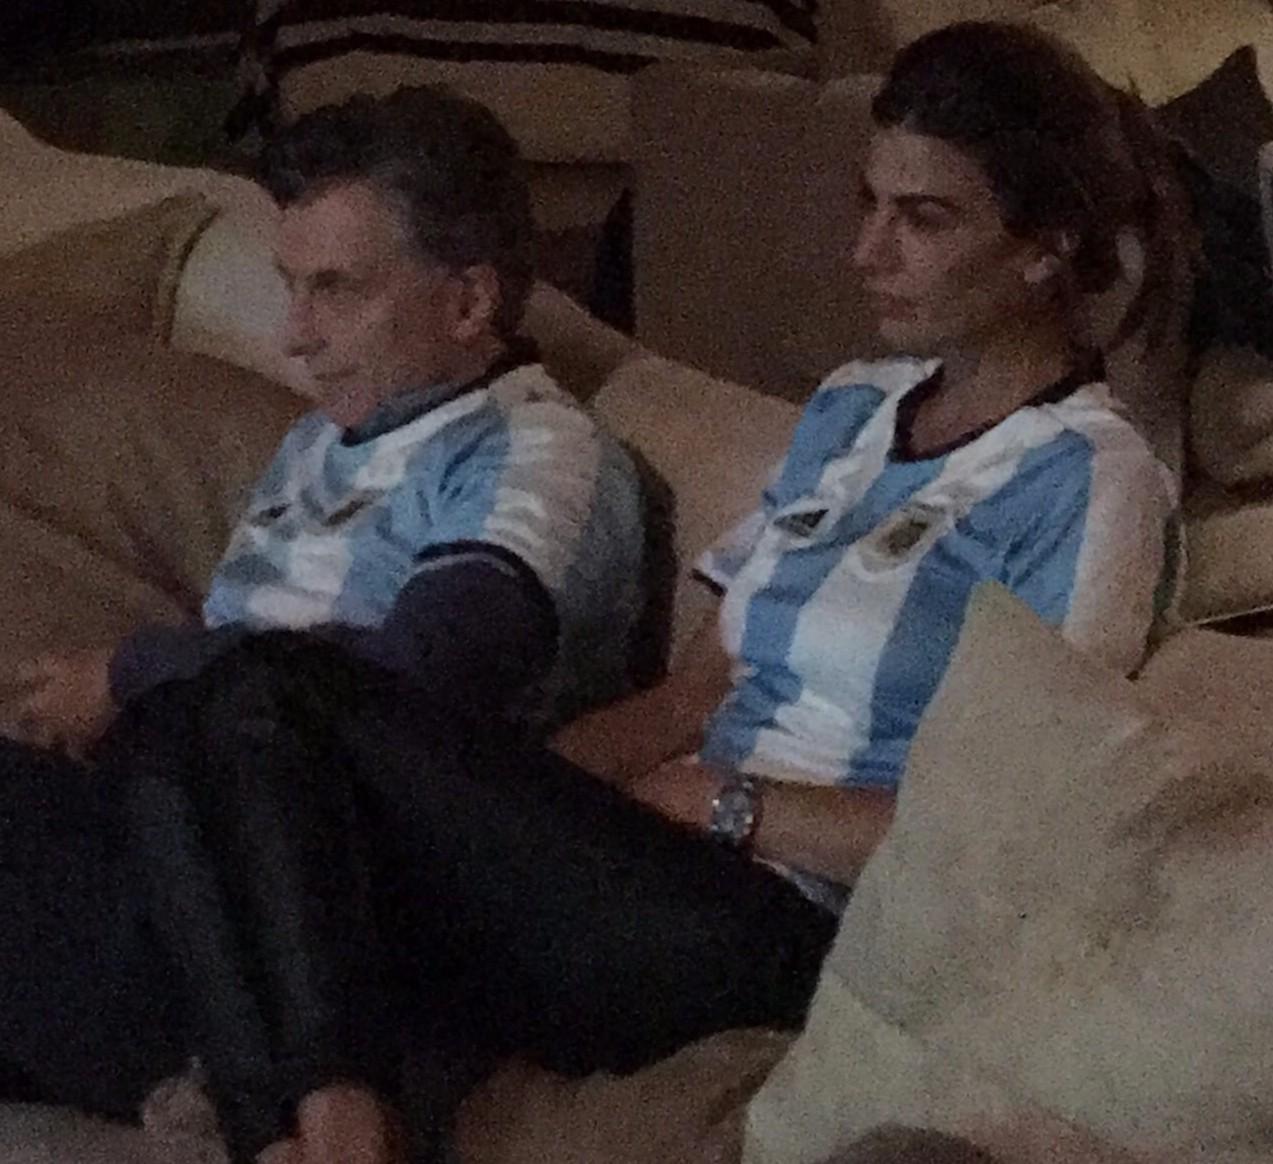 Haz lo que yo digo: Hace dos semanas, Macri se mostró en casa, «en remera y en patas» con 11 grados de temperatura